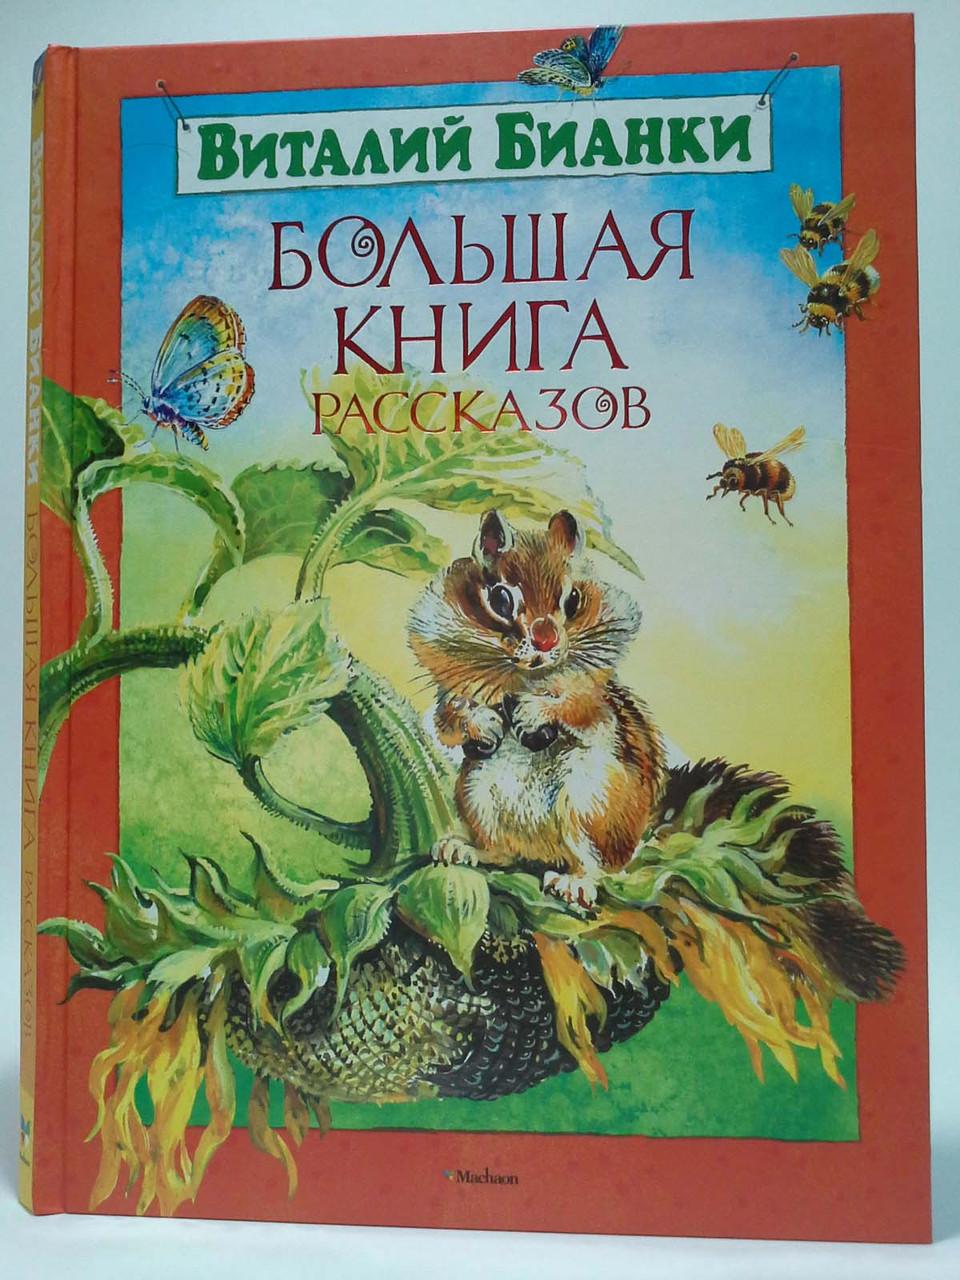 Махаон Велика книга рос Біанкі Велика книга оповідань